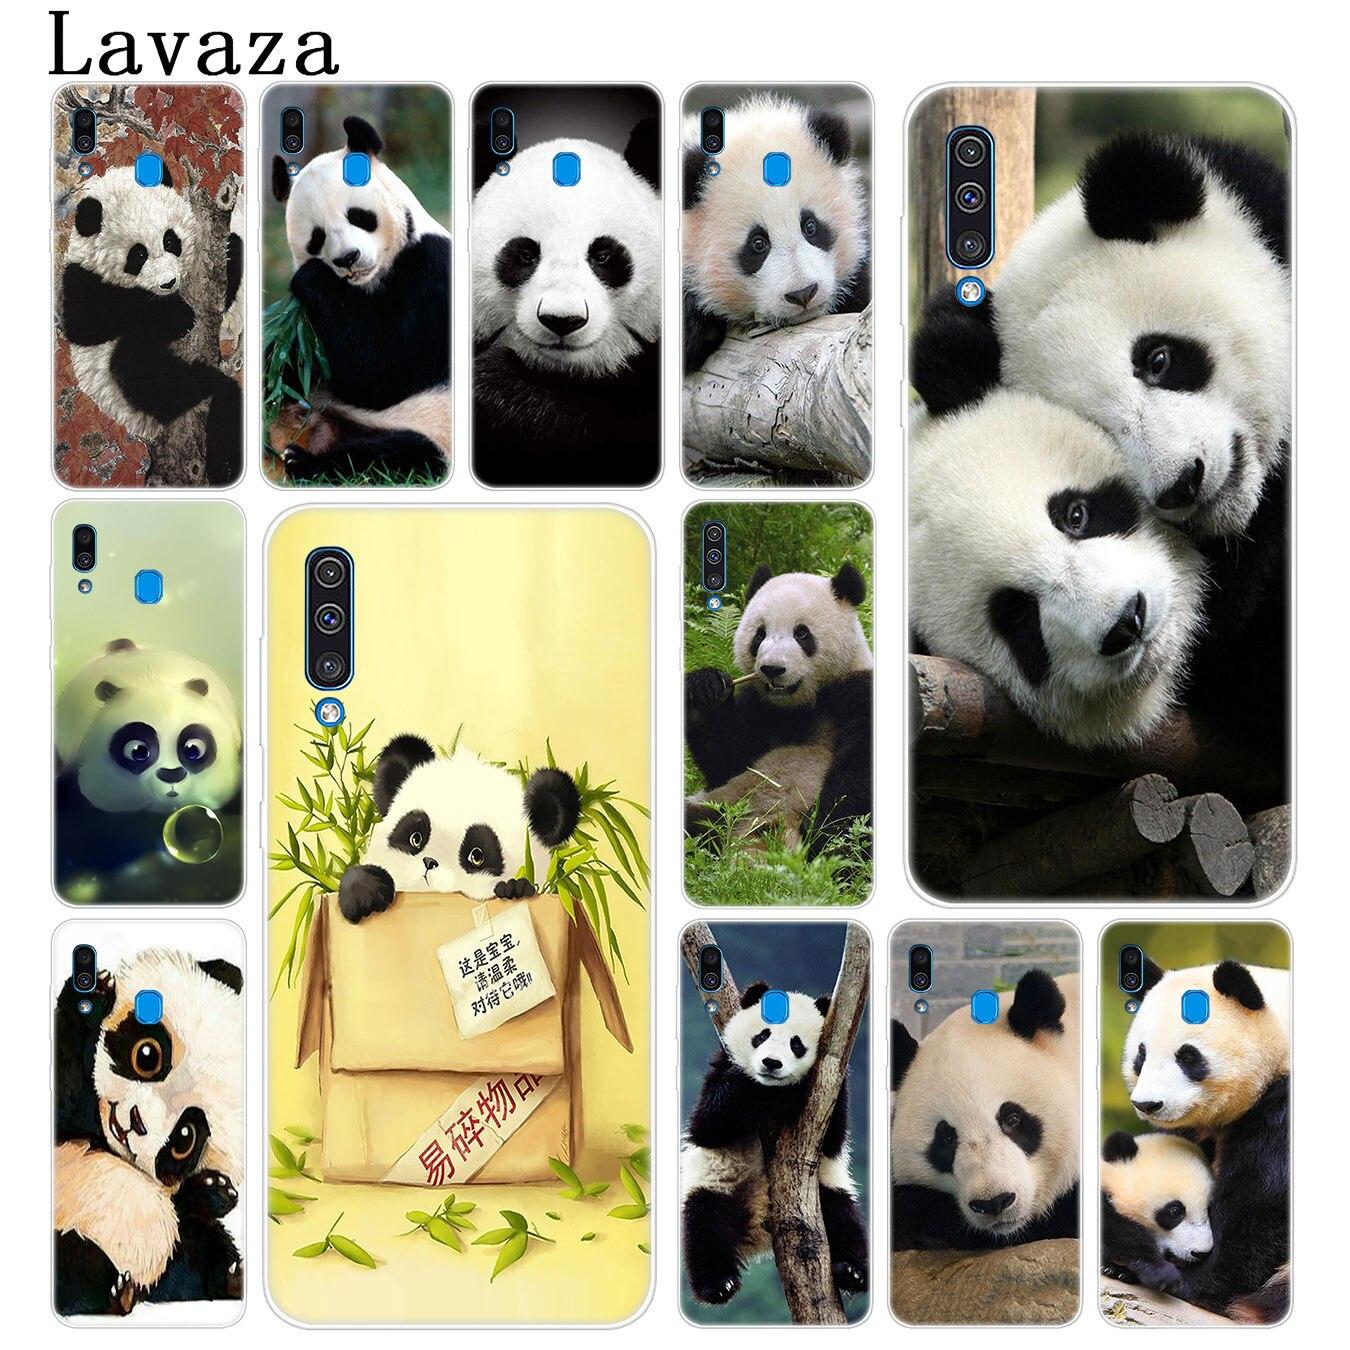 Lavaza asiáticos lindo bebé oso Panda caja del teléfono de China para Samsung Galaxy A70 A60 A50 A40 A30 A20 A10 M10 M20 M30 M40 A20e cubierta